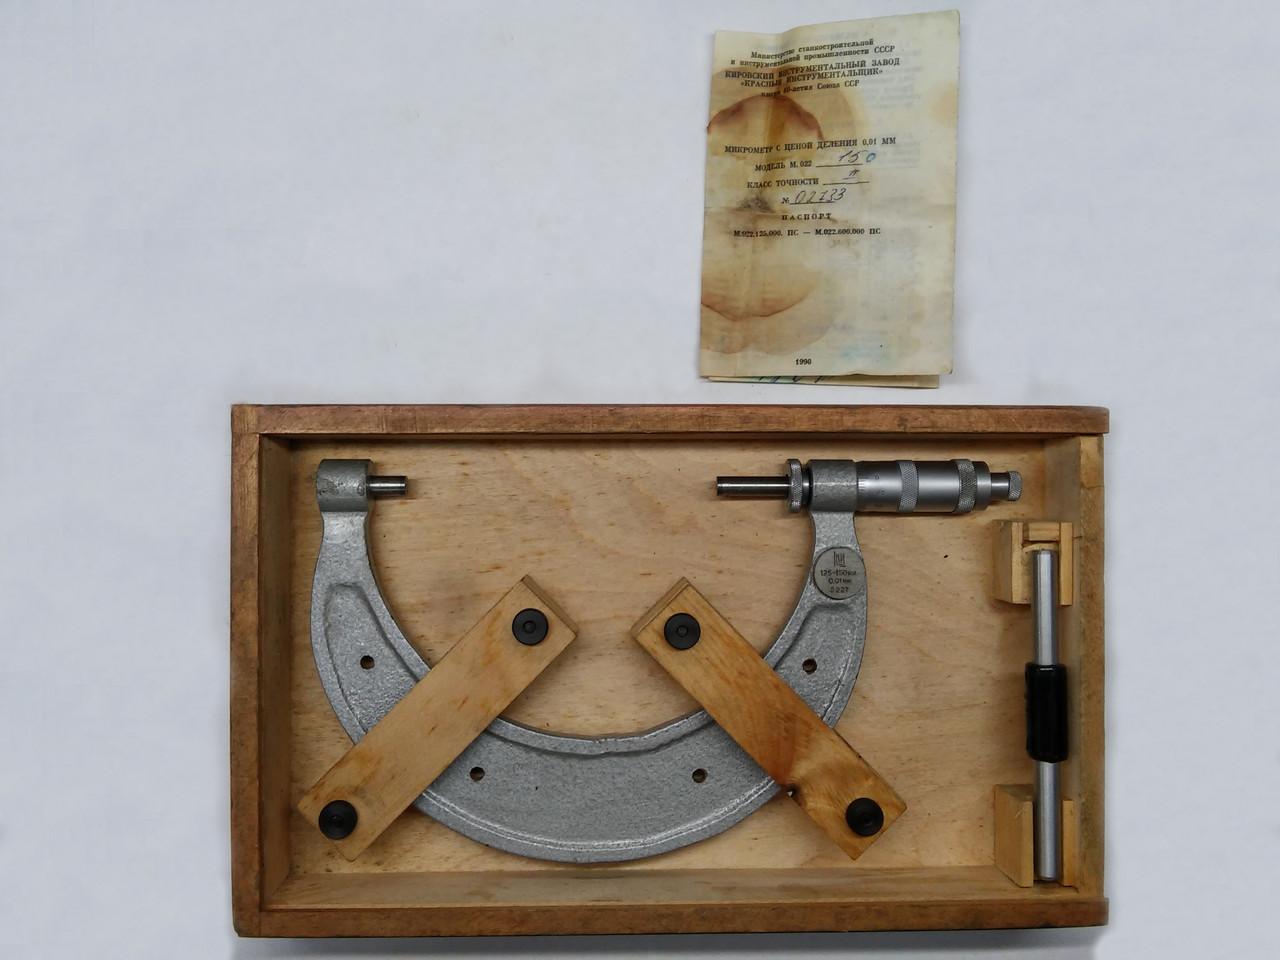 Микрометр МК 150 (125-150мм) ГОСТ 6507-60, Красный Инструментальщик, Россия